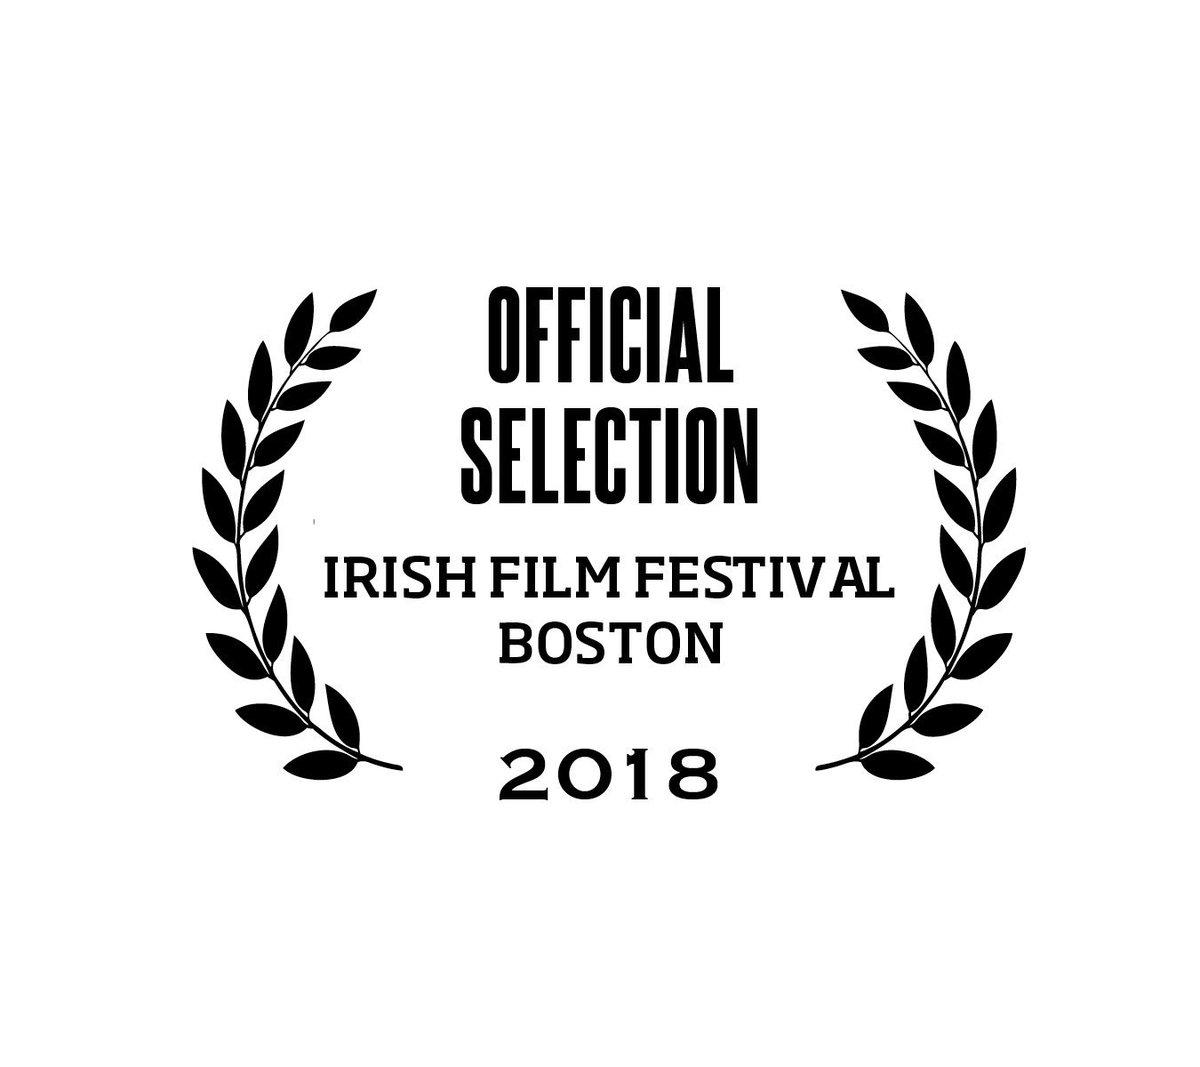 Ríméad orainn go mbeidh scéal Loch Con Aortha le feiceál ag @IrishFilmFest Boston @TG4TV  https://www.universe.com/events/in-the-shadow-of-the-glen-tickets-B5SP20…